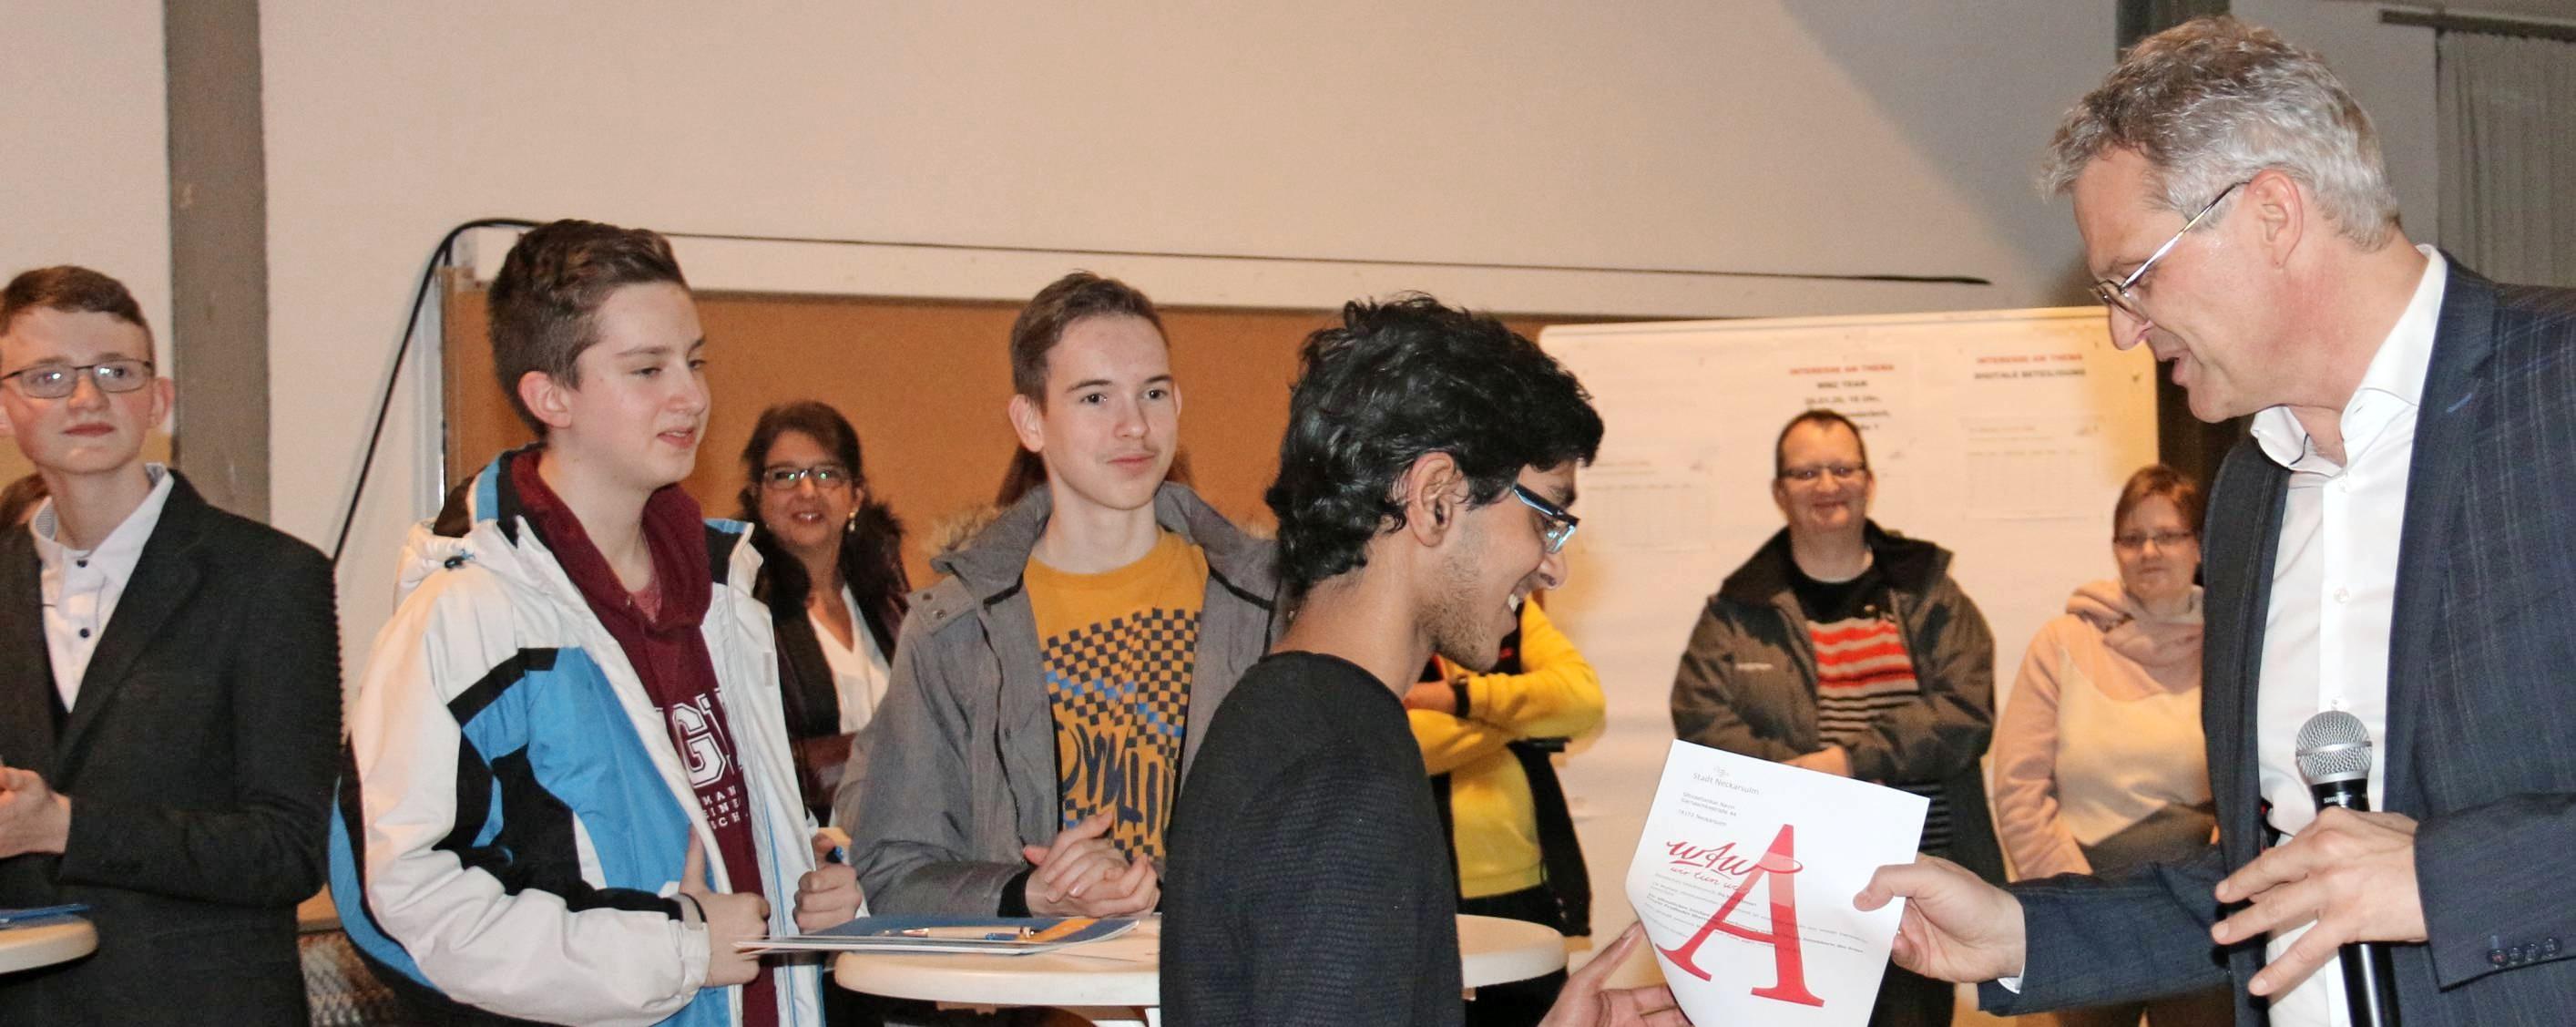 """OB Steffen Hertwig zeichnete Teilnehmer des Jugendförderprogramms """"Wir Tun Was"""" (WTW) für dauerhaftes ehrenamtliches Engagement aus. Foto: snp"""